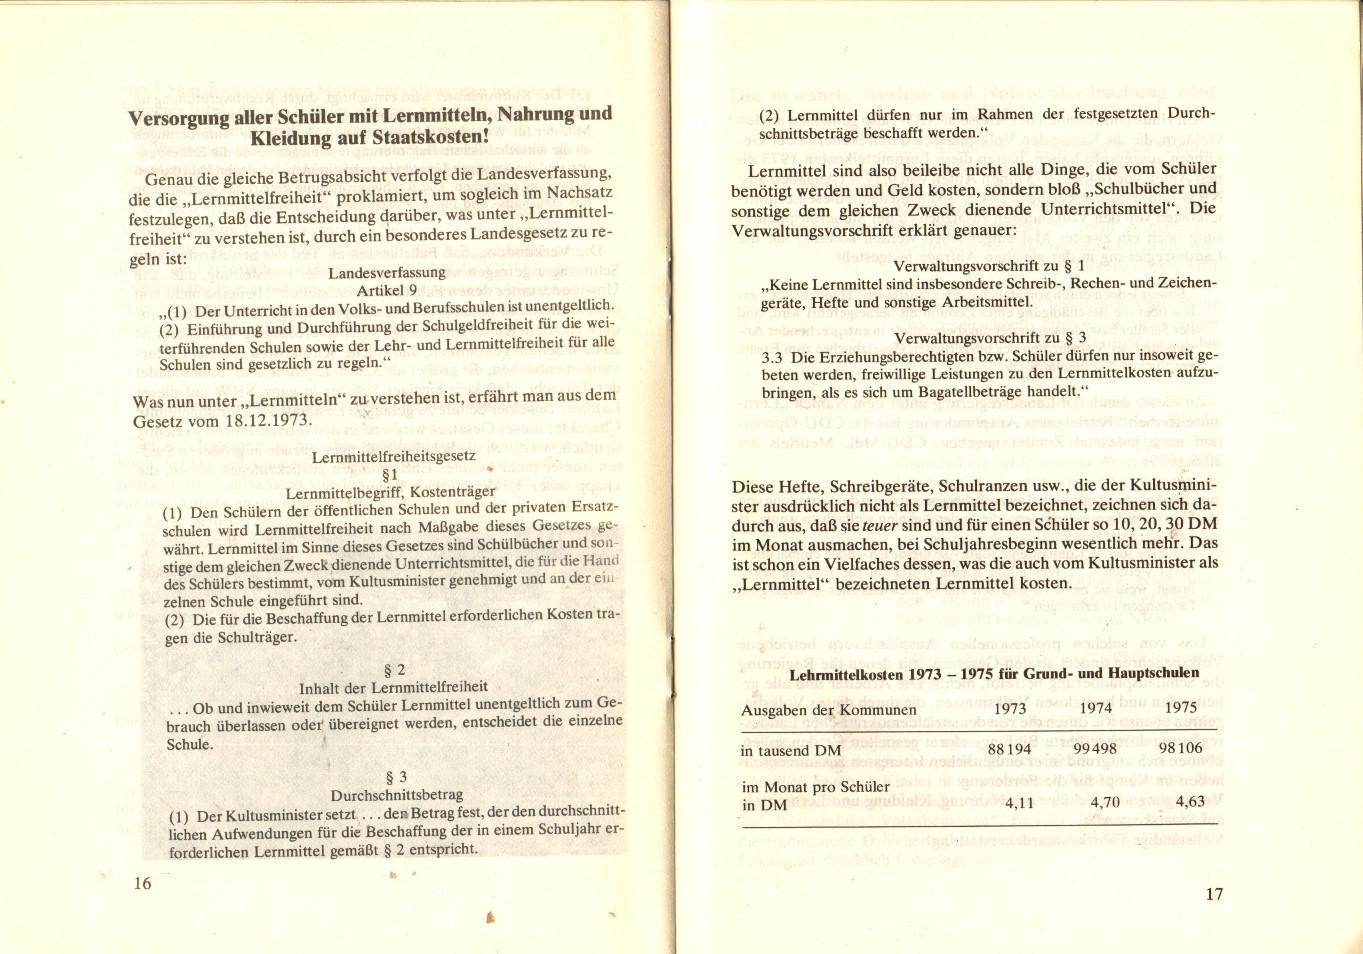 NRW_KBW_1978_SPD_Schulgesetze_10